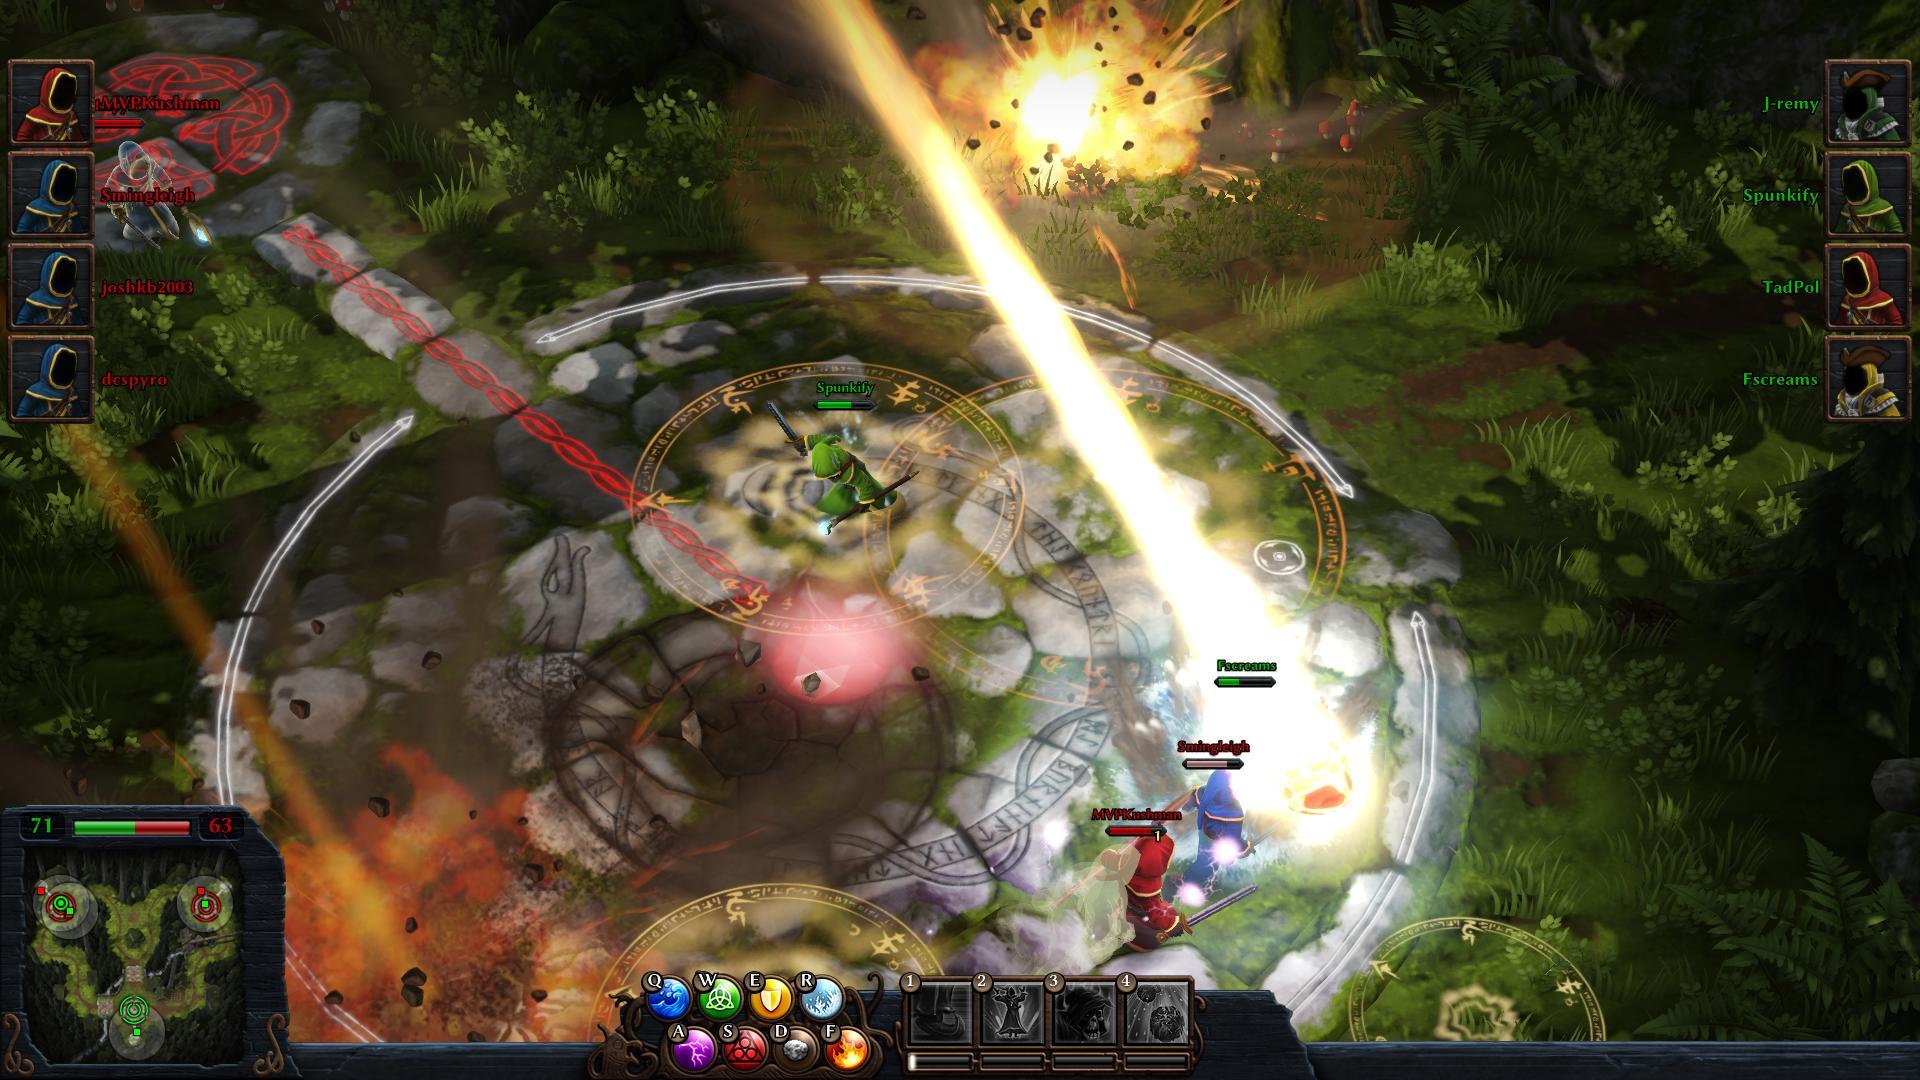 Meteor-Magicka-Wizard-Wars